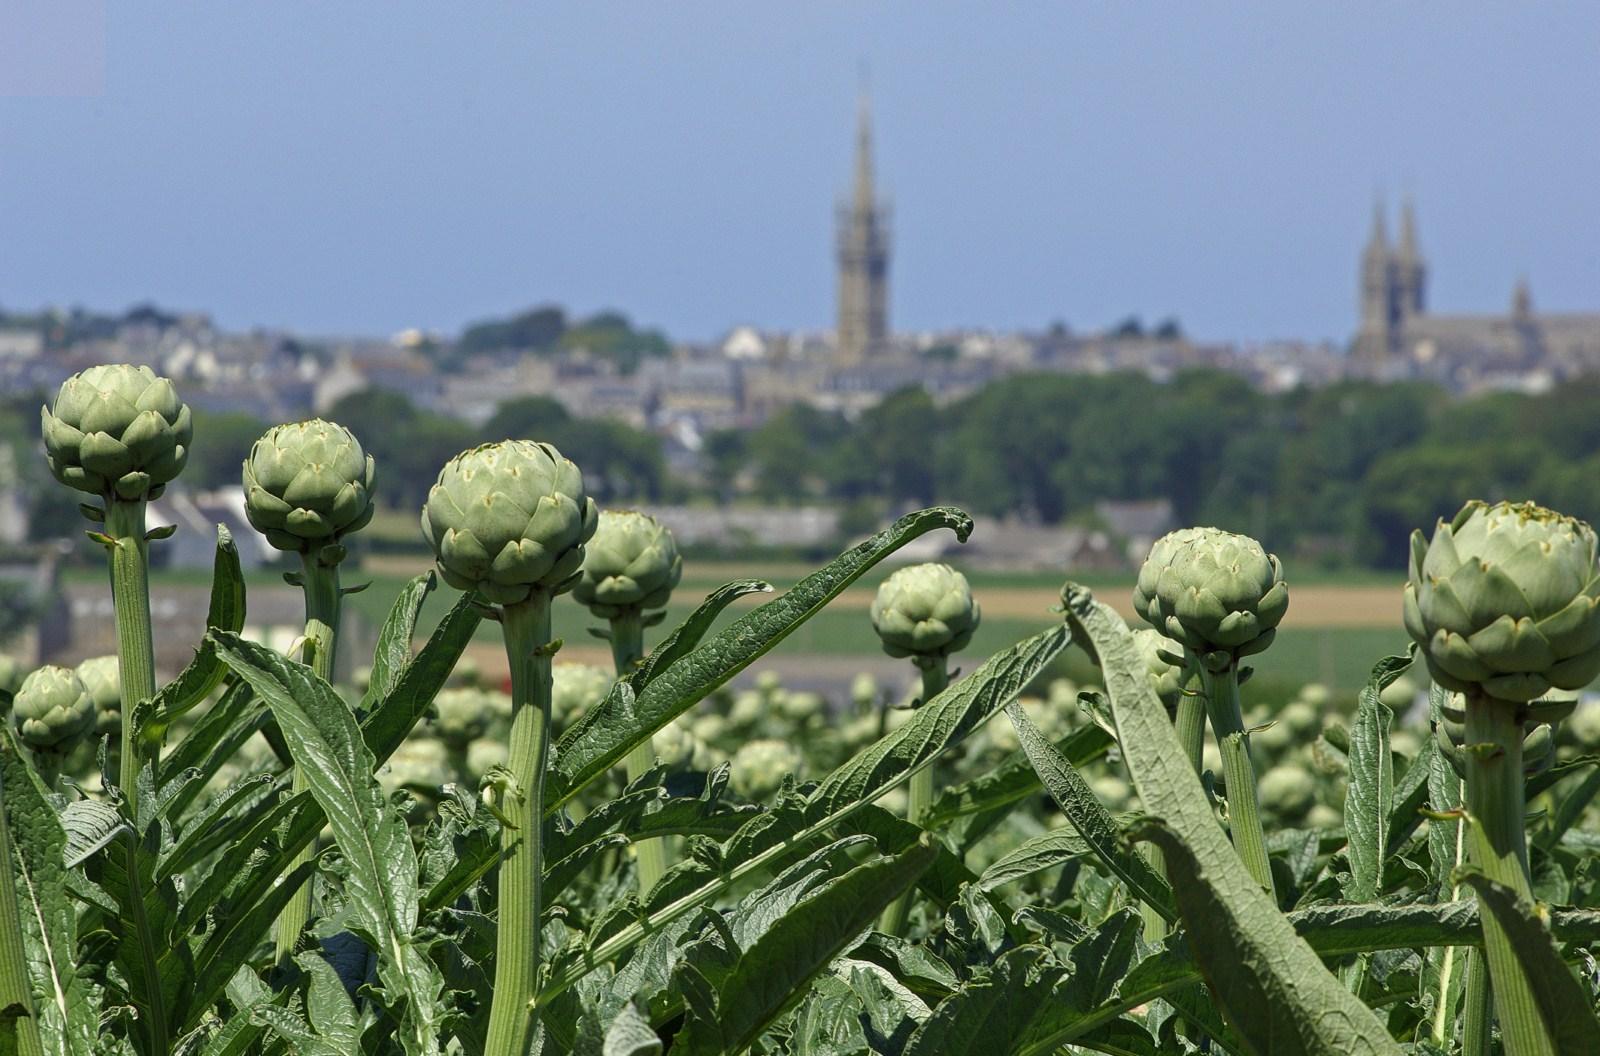 L'artichaut est un produit de l'agriculture du Finistère